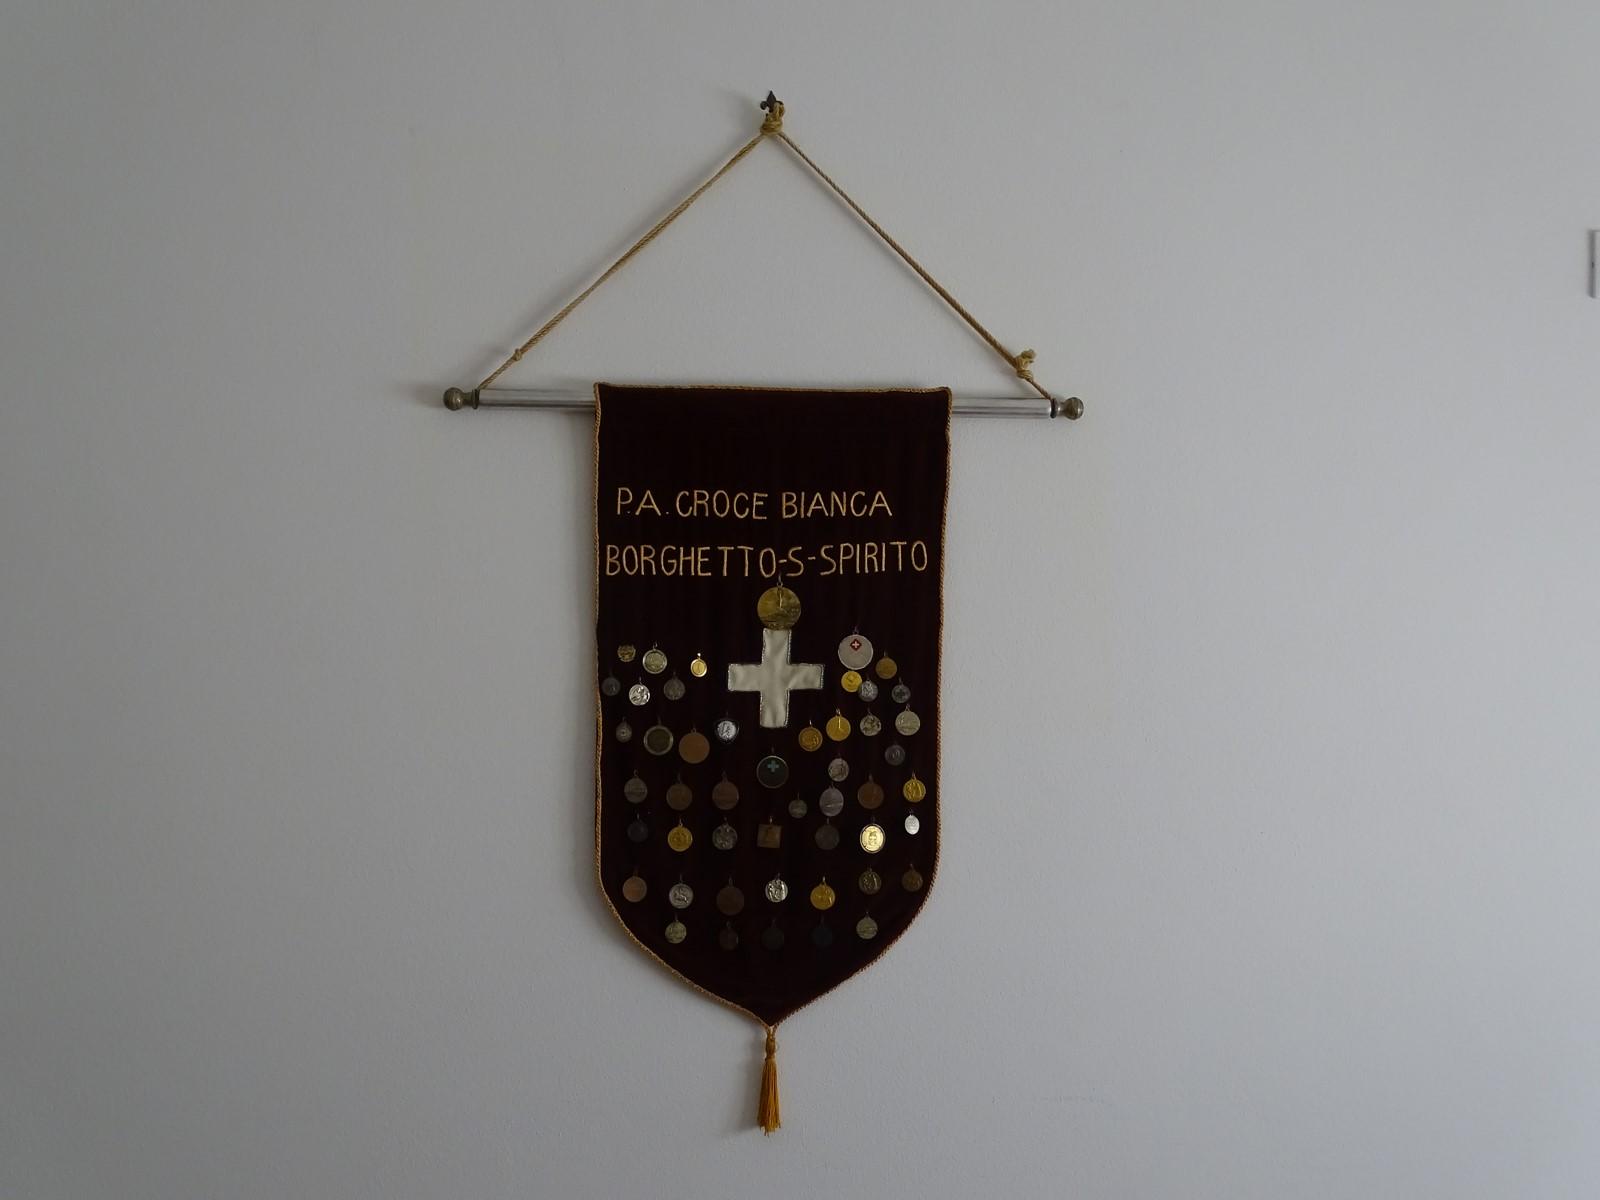 Sede Crocebianca Borghetto S.S.